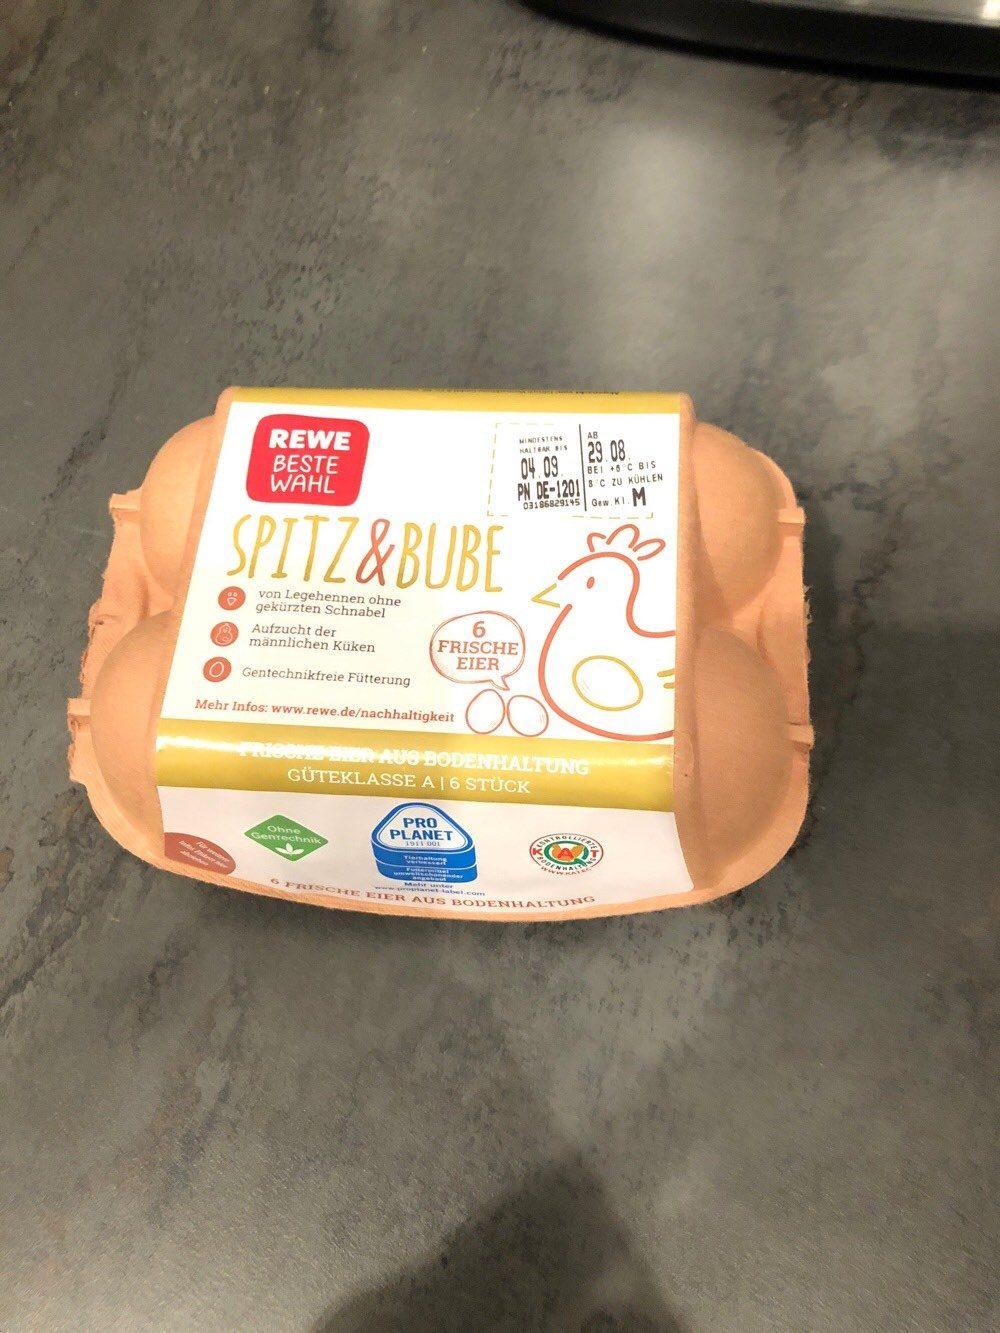 Spitz&Bube Eier 6er Pack - Produkt - de